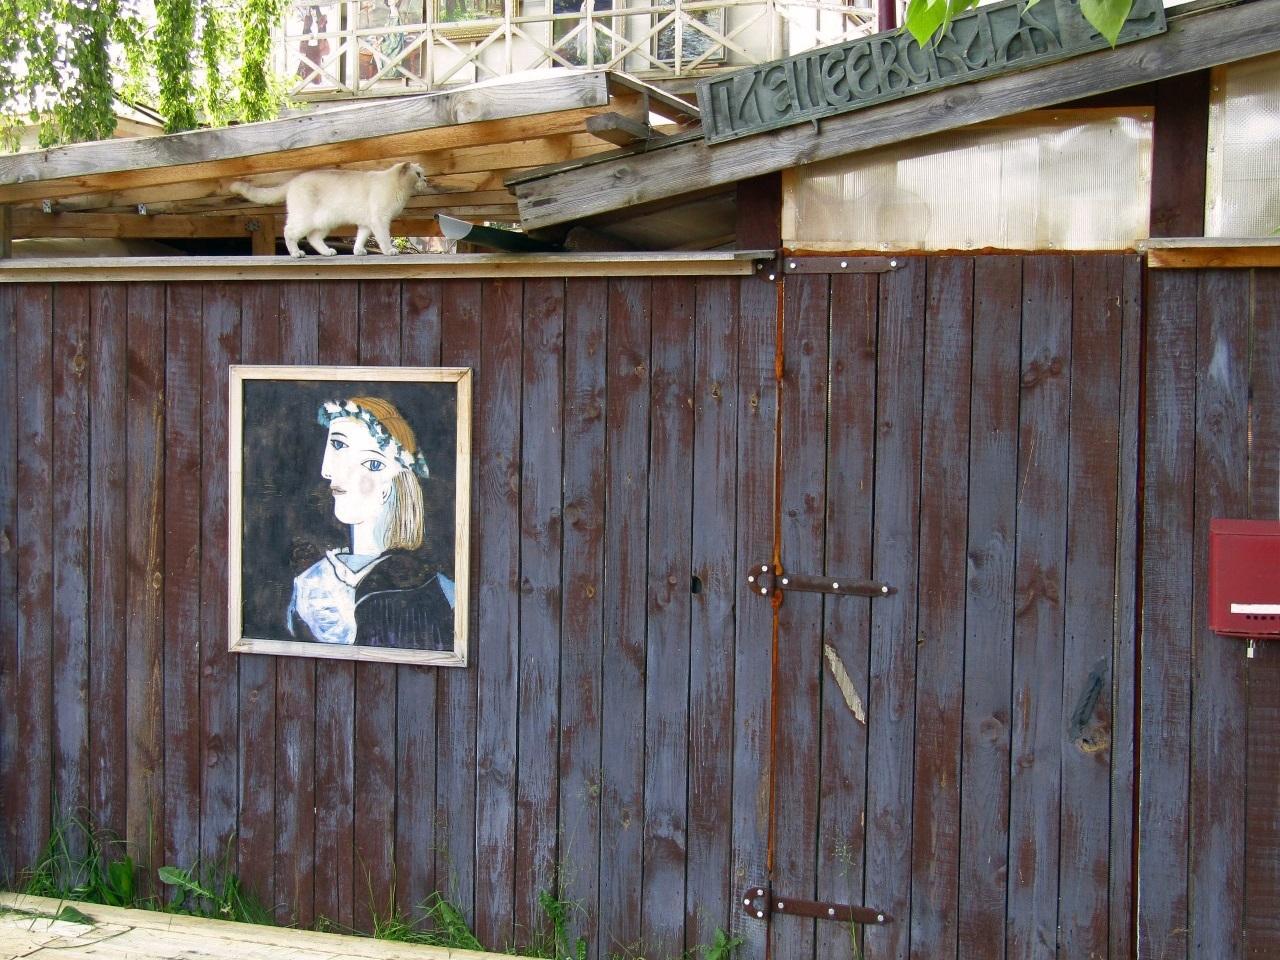 Иду такая и тут бац - Пикассо на заборе